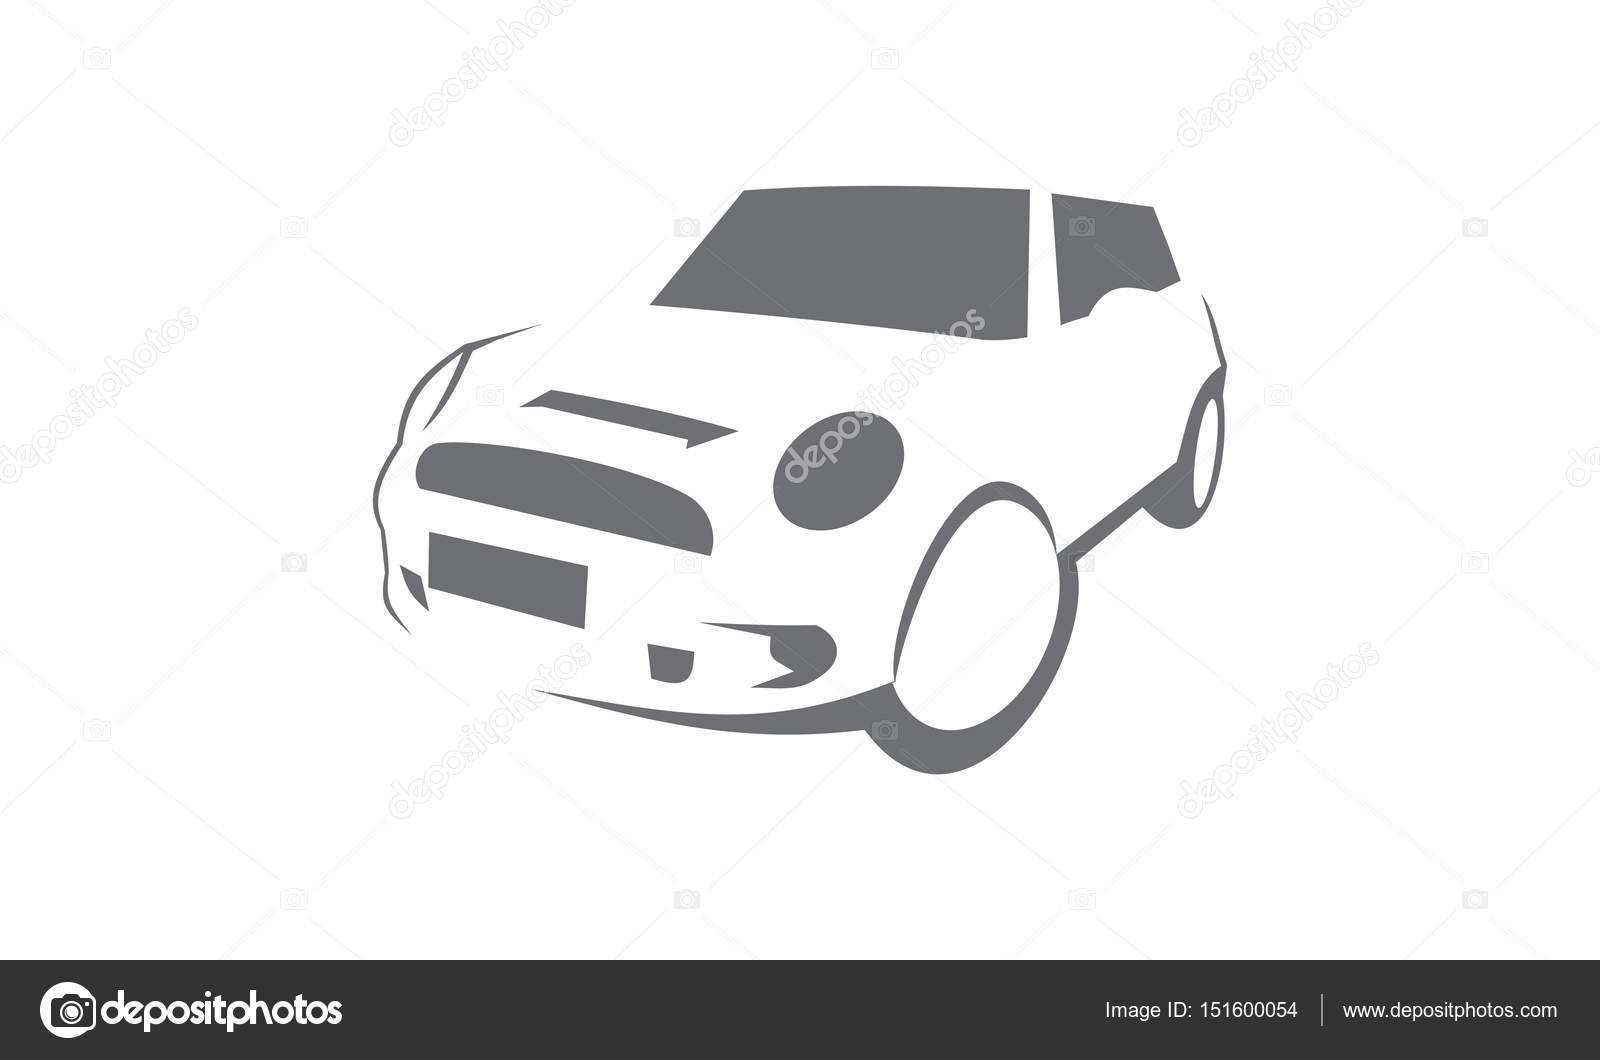 Plantilla de logotipo de coche — Foto de stock © alluranet #151600054